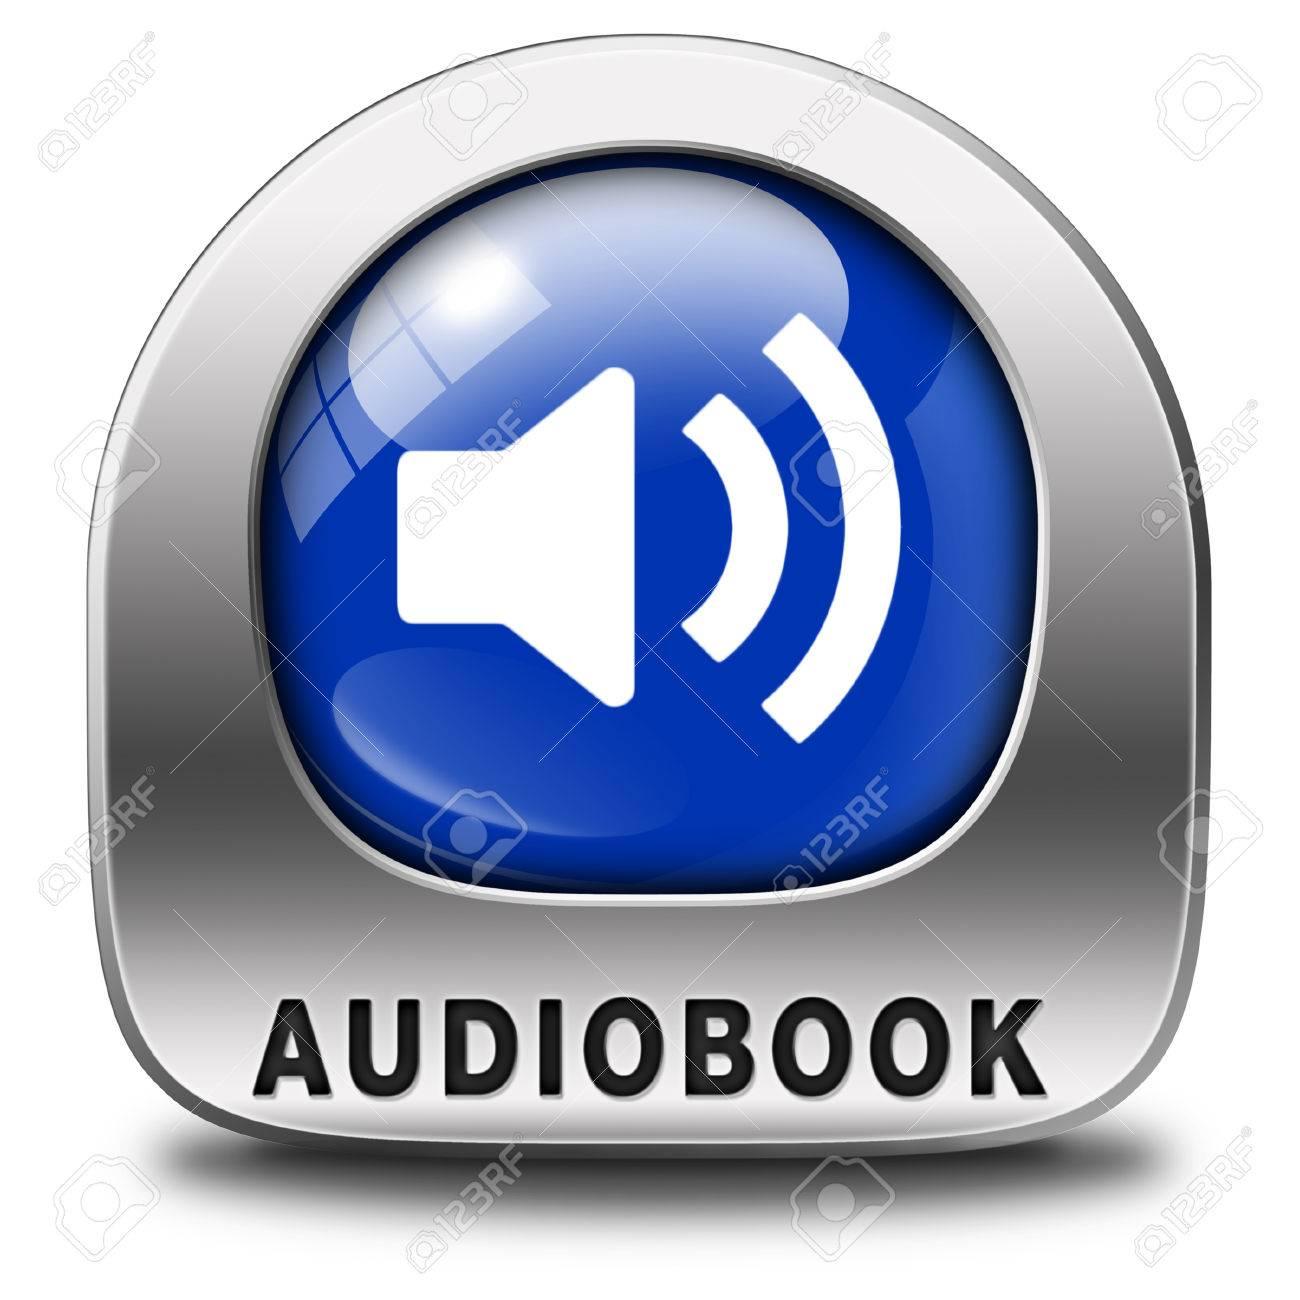 Icone De Livre Audio Ou Signe Ecouter En Ligne Ou Acheter Et Telecharger Bouton De Livres Audio